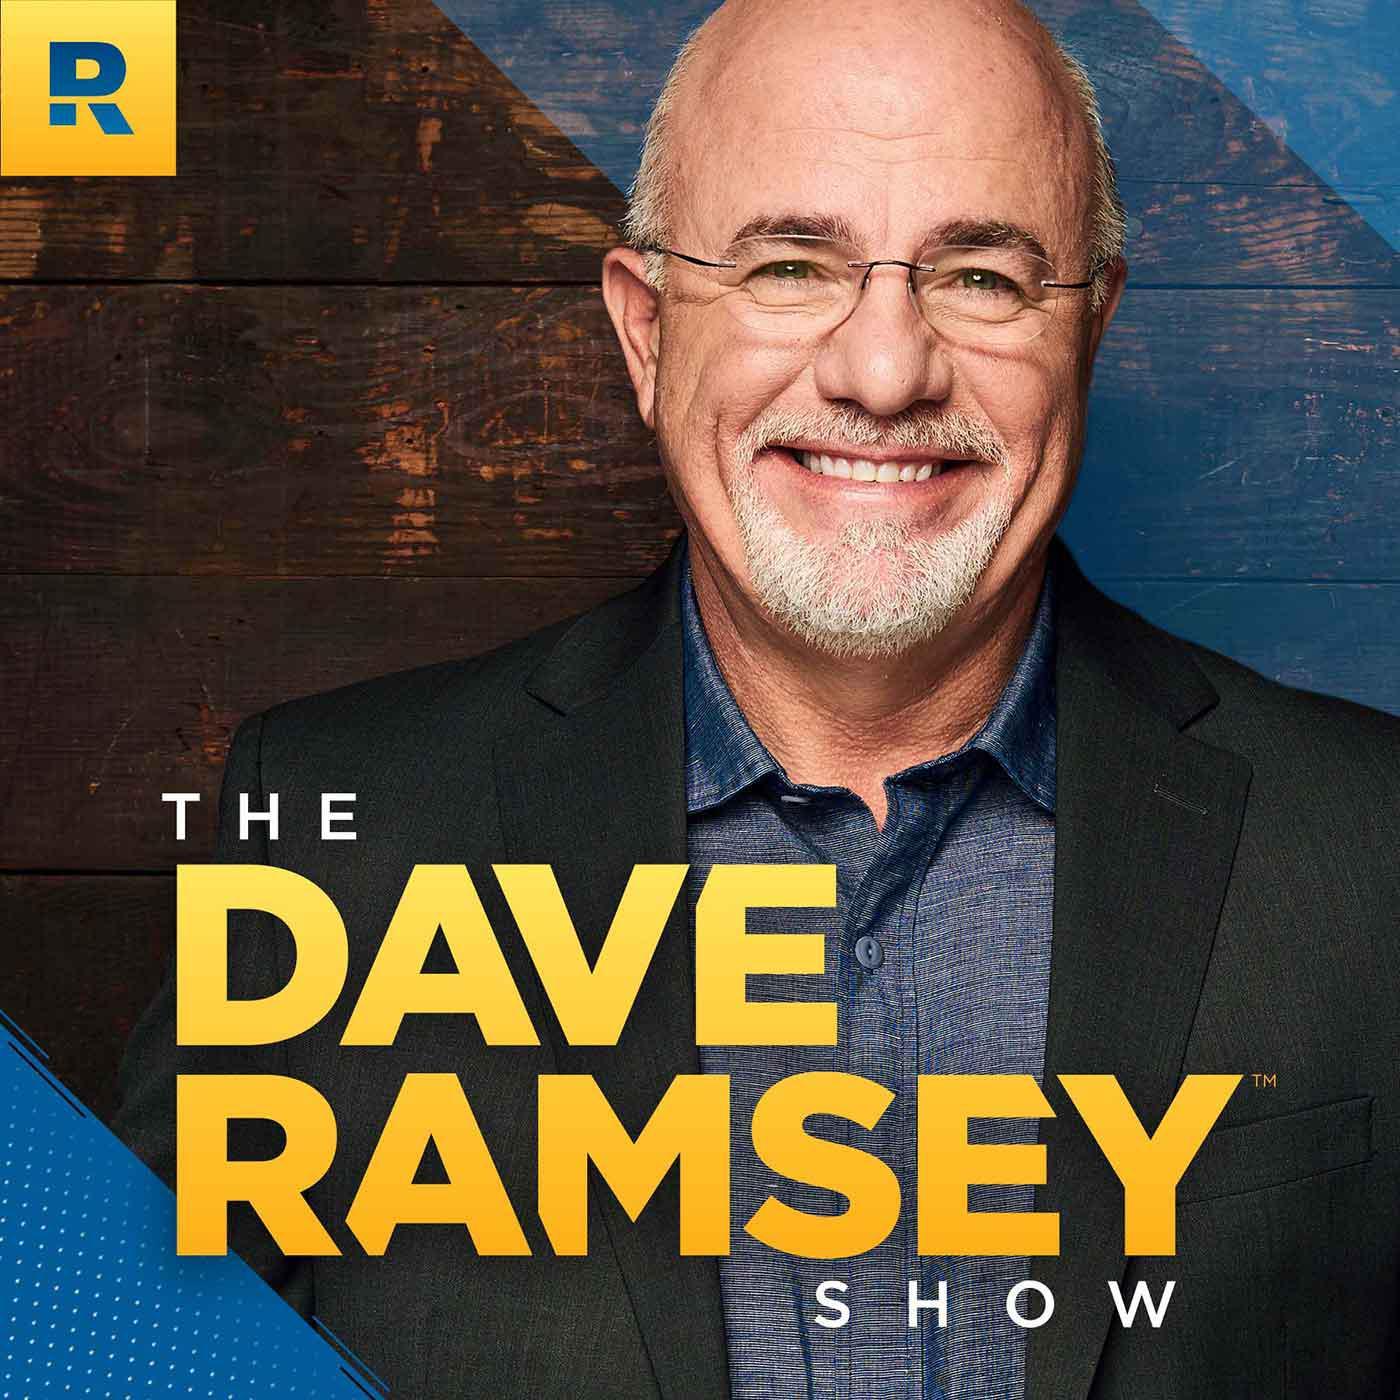 Dave Ramsey dating service När man ska börja dejta efter make döden